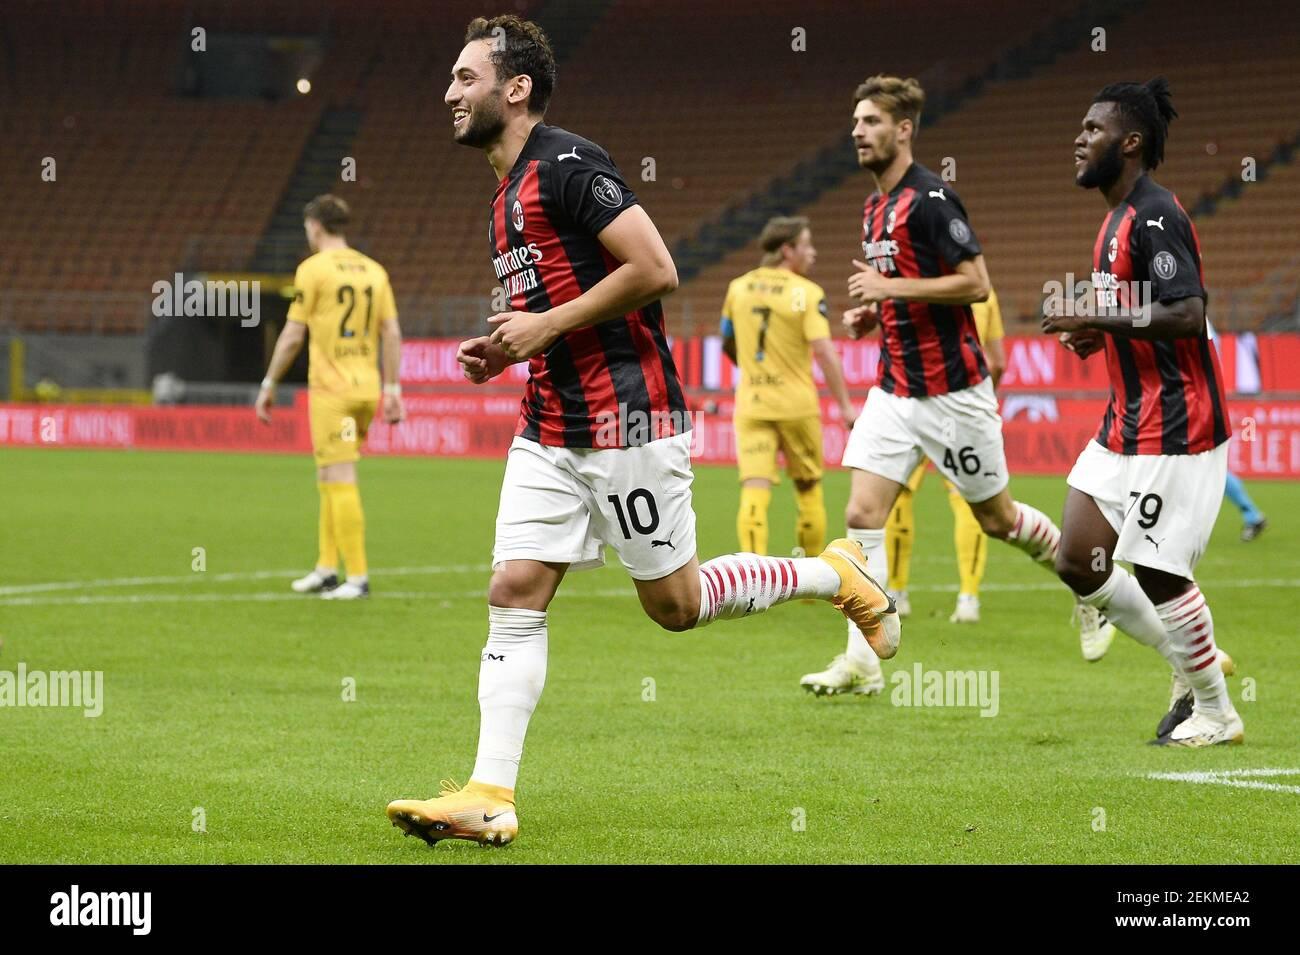 MILAN, ITALIE - 24 septembre 2020 : Hakan Calhanoglu (L) de l'AC Milan célèbre après avoir marquant un but lors du troisième match de qualification de l'UEFA Europa League entre l'AC Milan et le FK Bodo/Glimt. (Photo de Nicolò Campo/Sipa USA) Banque D'Images